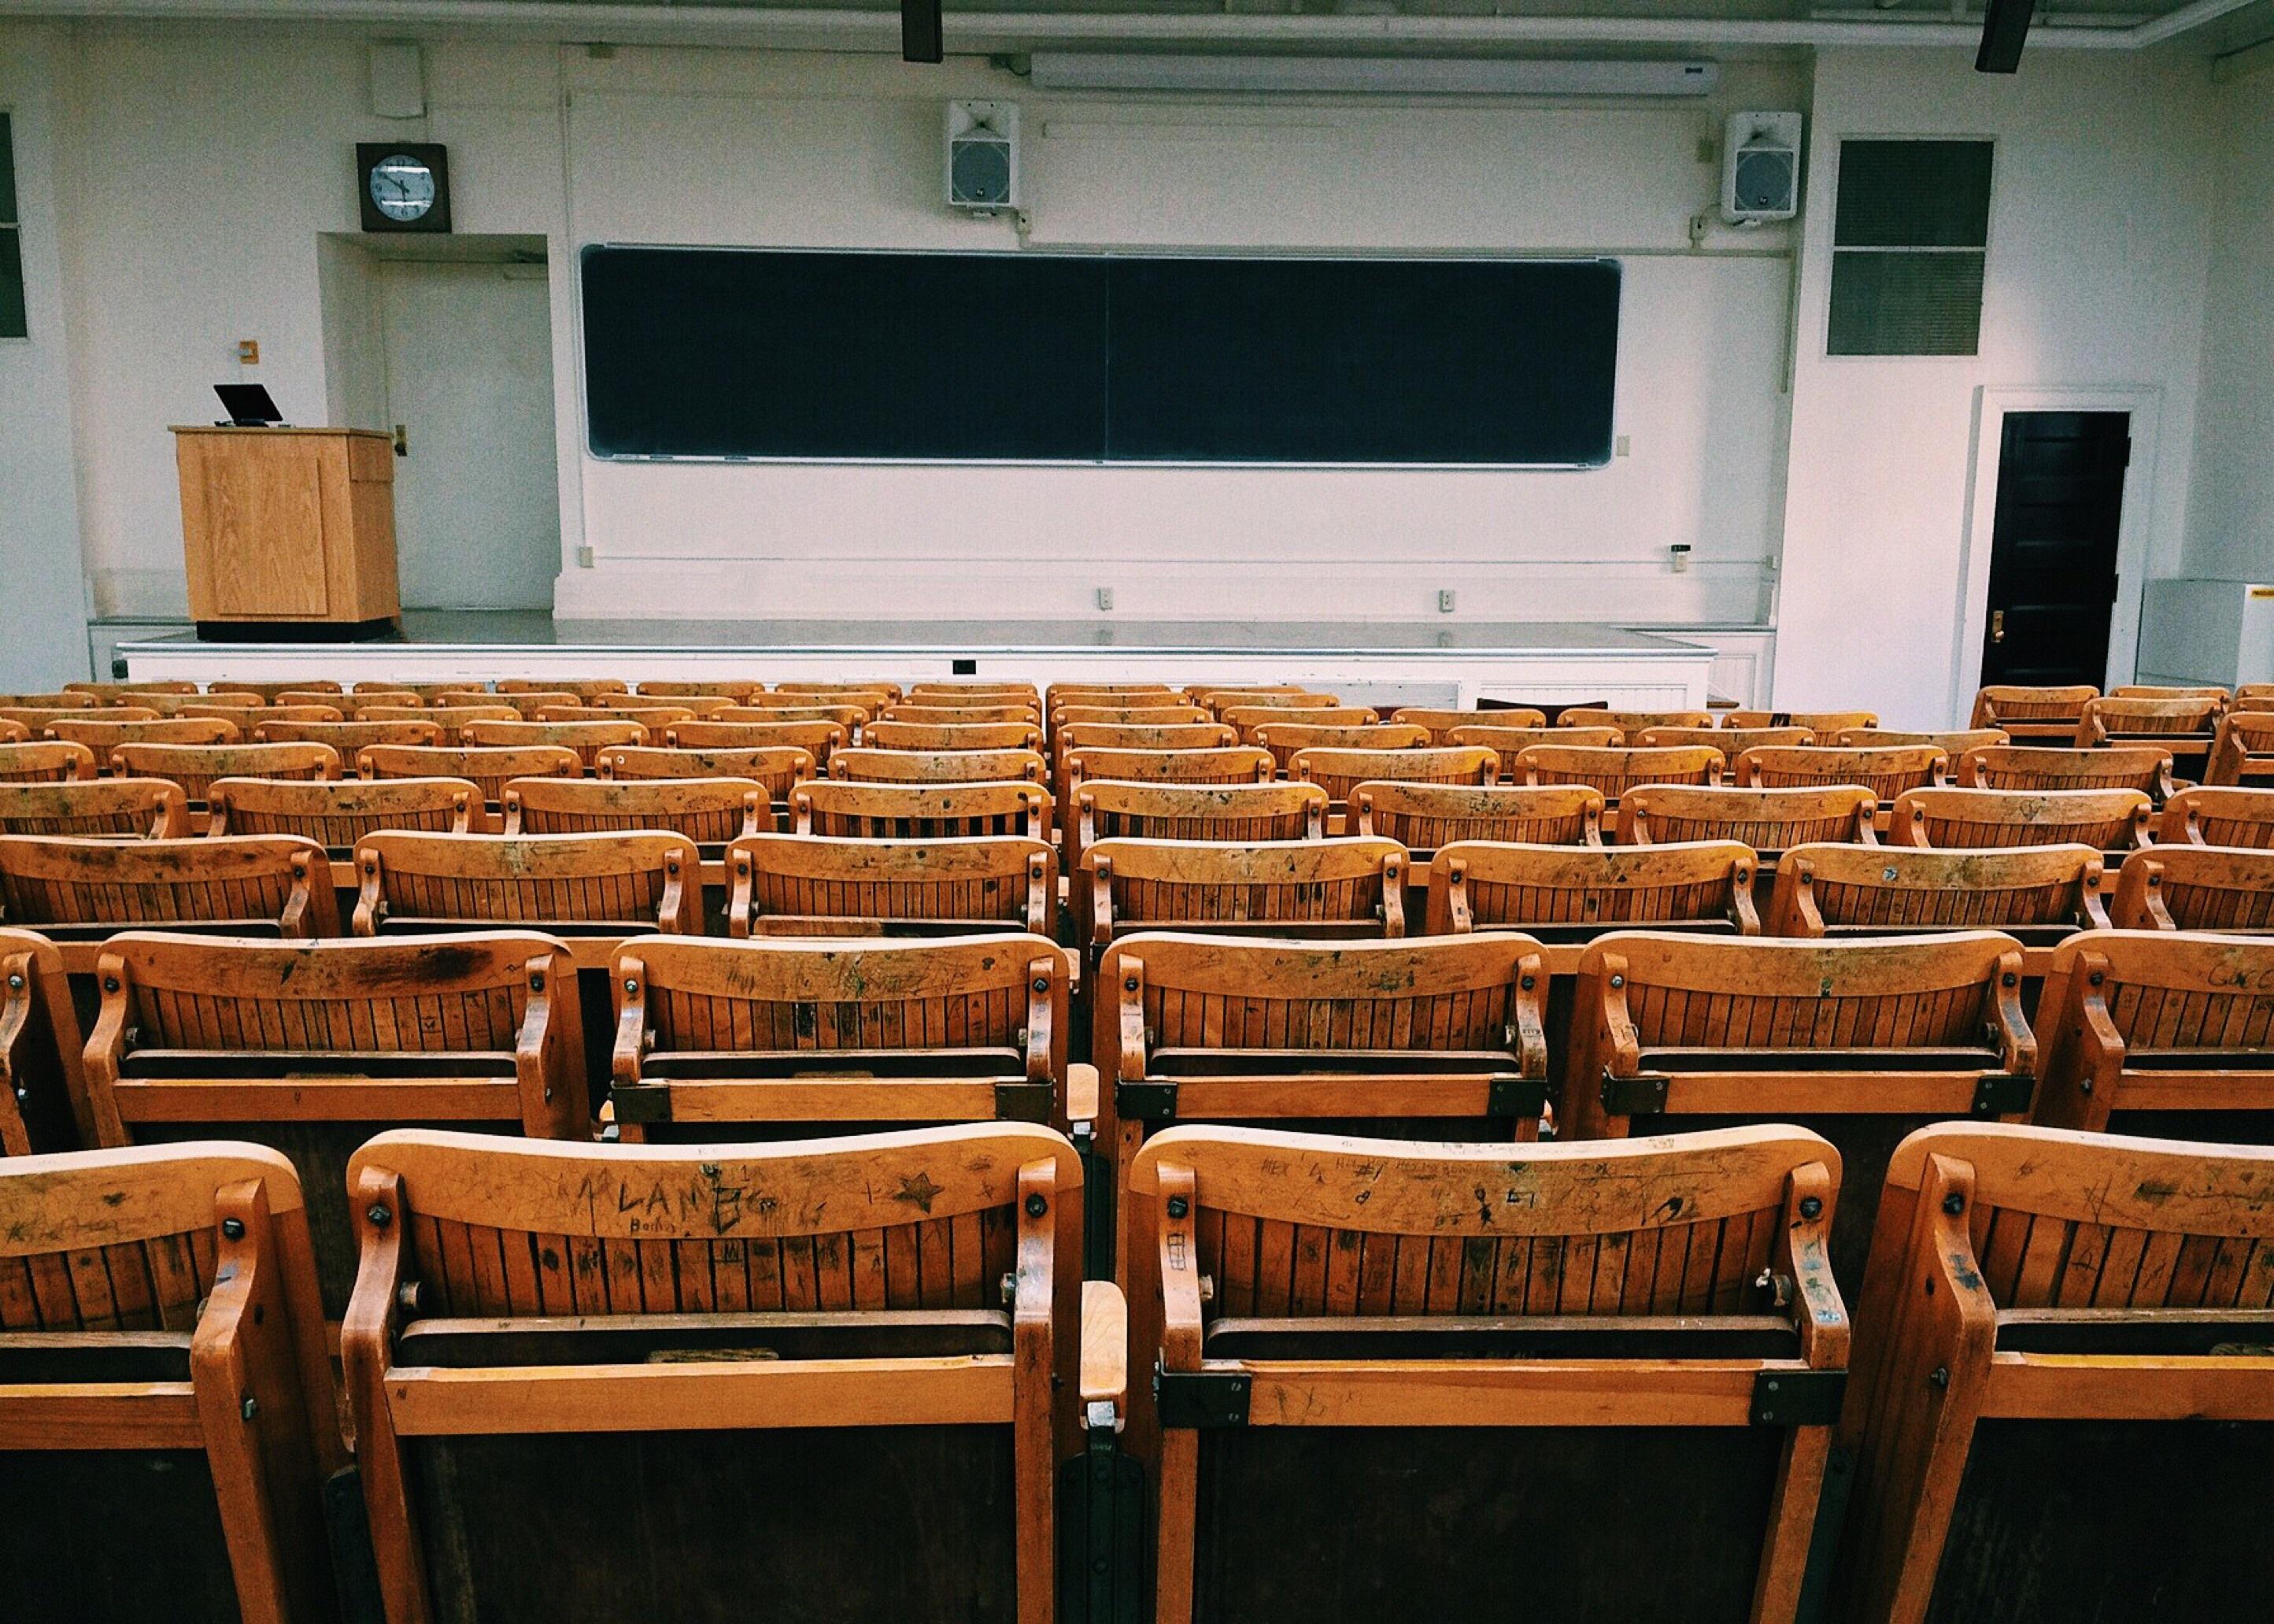 auditorium, benches, board